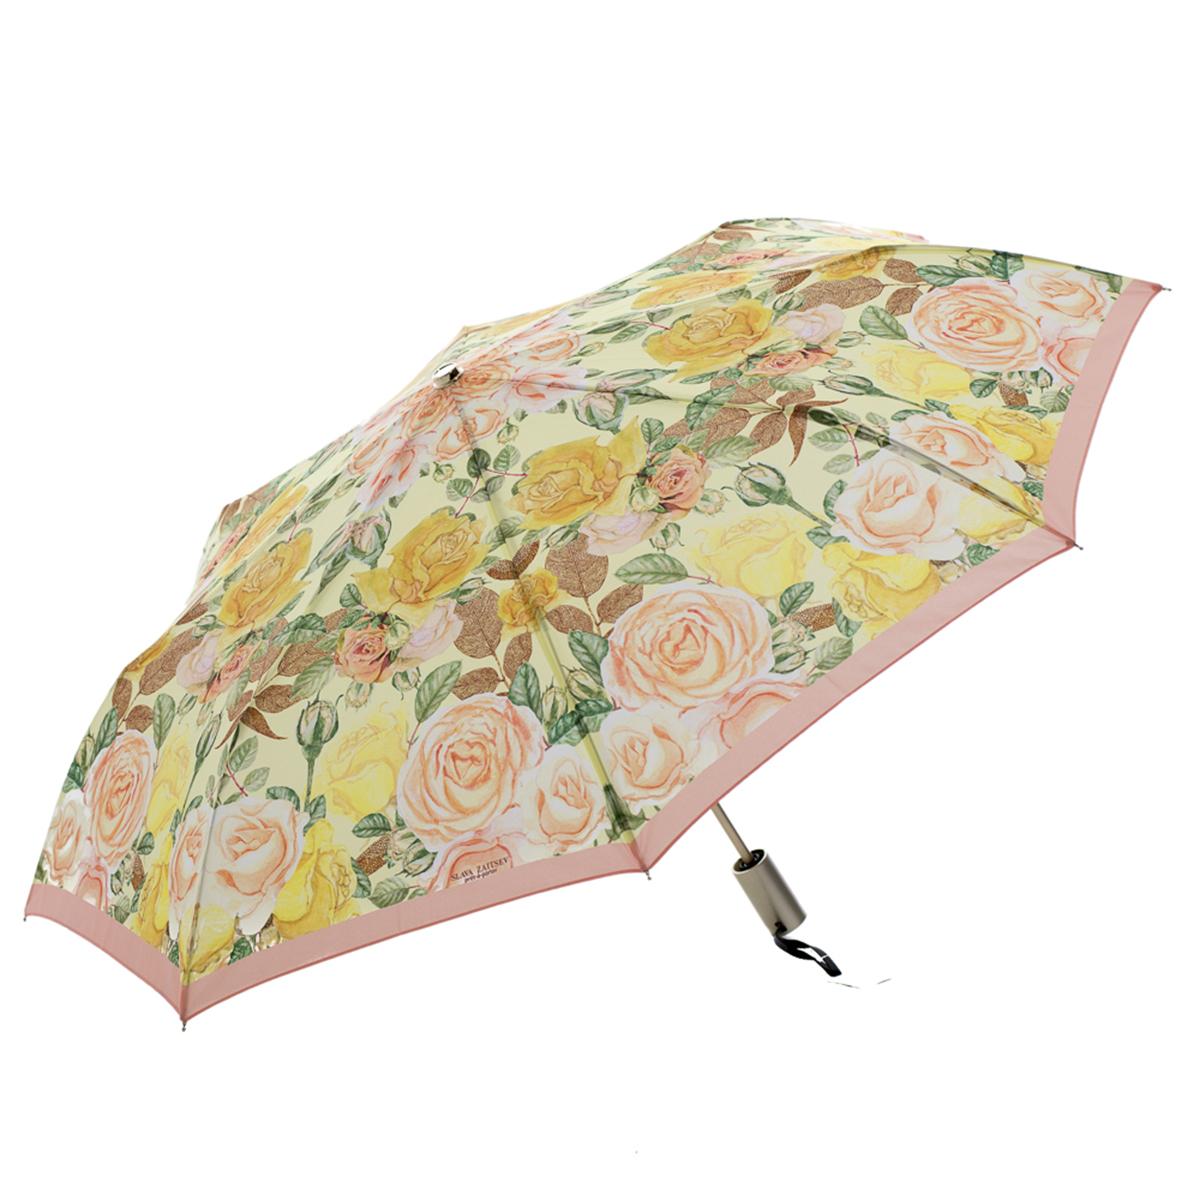 Зонт-трость женский Slava Zaitsev, механика, цвет: желтый. SZ-082SZ-082Оригинальный зонт Slava Zaitsev надежно защитит вас от непогоды. Купол, выполненный из высококачественного полиэстера, который не пропускает воду, оформлен оригинальным принтом. Каркас зонта и спицы выполнены из высококачественного металла. Зонт имеет автоматический тип сложения: открывается и закрывается при нажатии на кнопку. Удобная ручка выполнена из пластика.